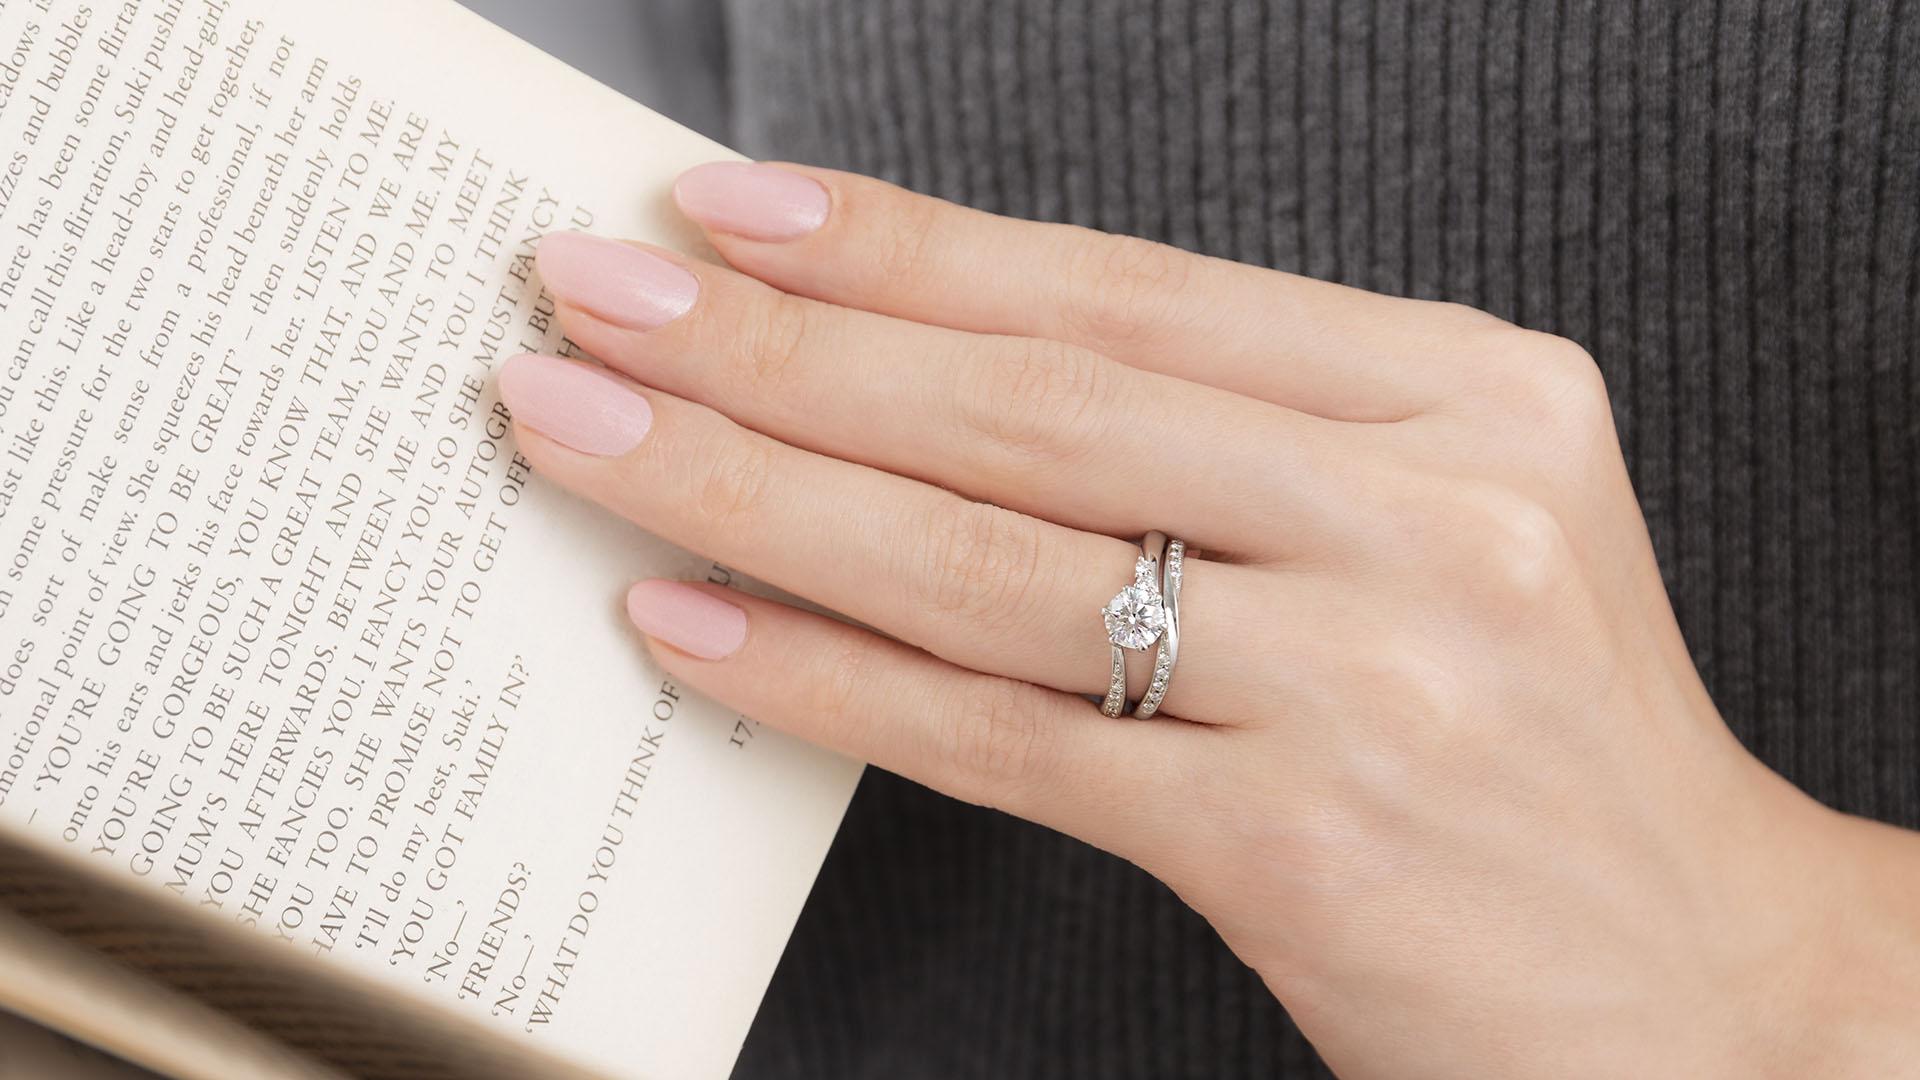 andromeda アンドロメダ | 婚約指輪サムネイル 5